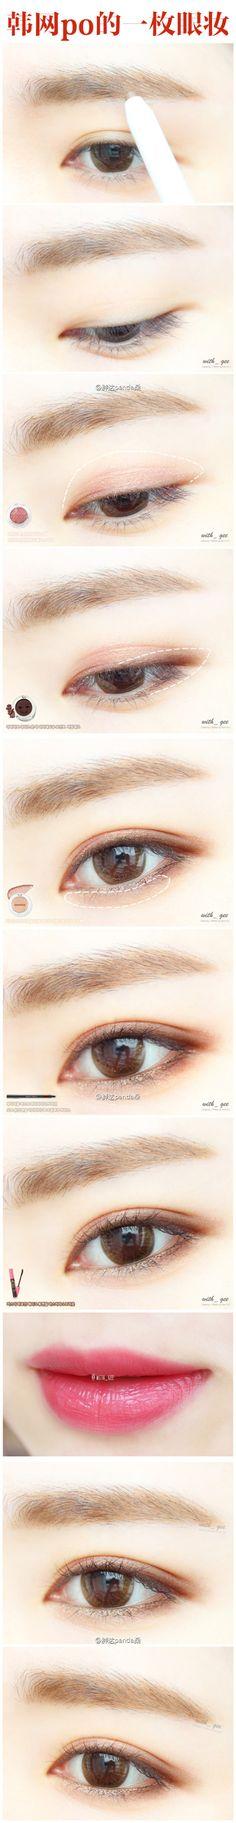 韩网po主更新一枚简单干净的新手化妆教程,眼妆部分选择了珠光粉色配合咖啡色,草莓牛奶般百搭和谐。